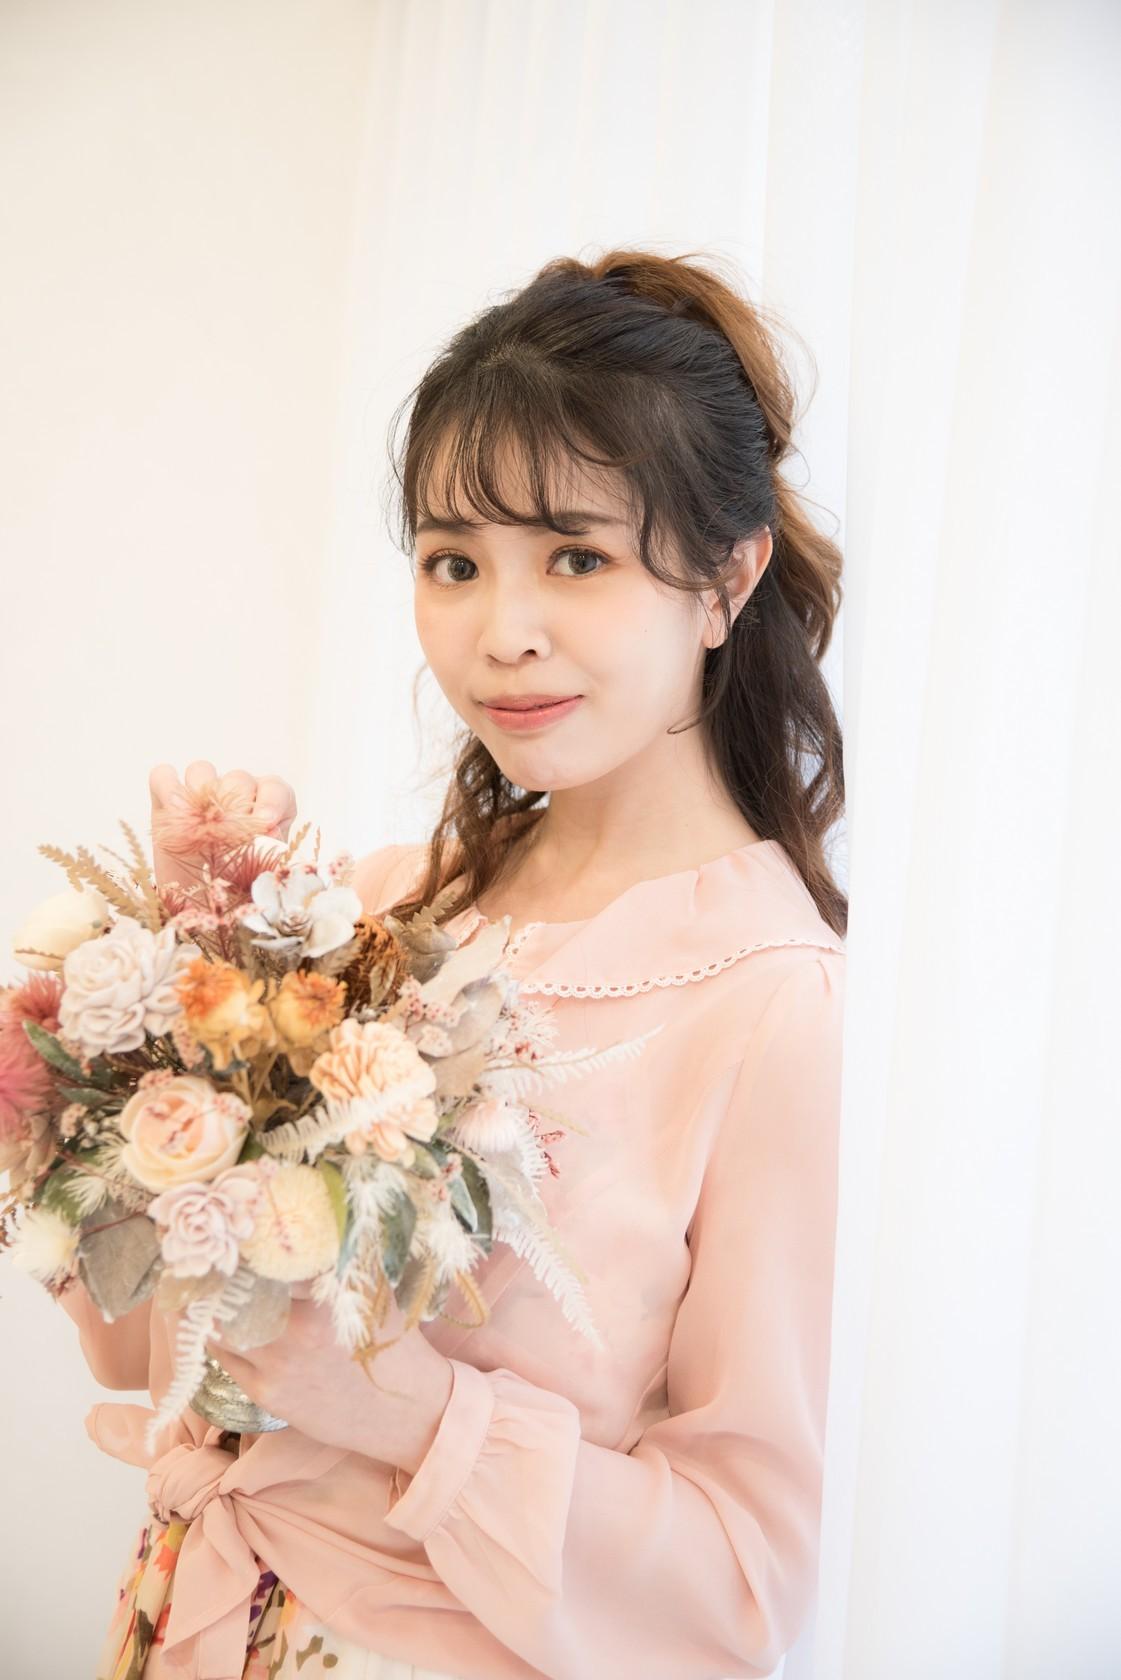 台北化妝服務 個人彩妝、髮型設計